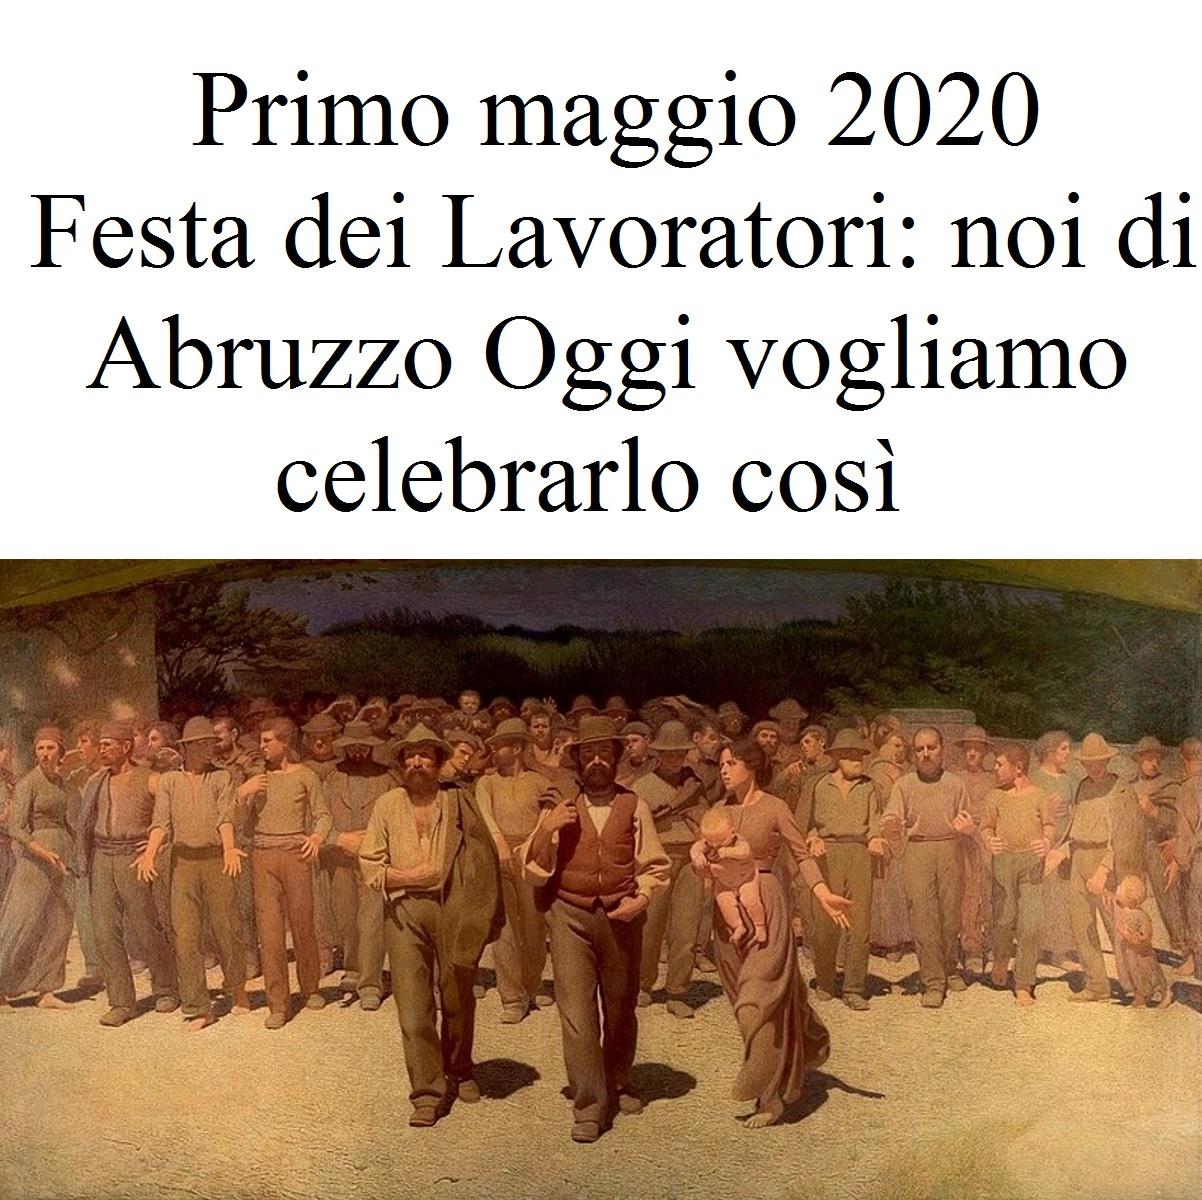 Primo maggio 2020 festa